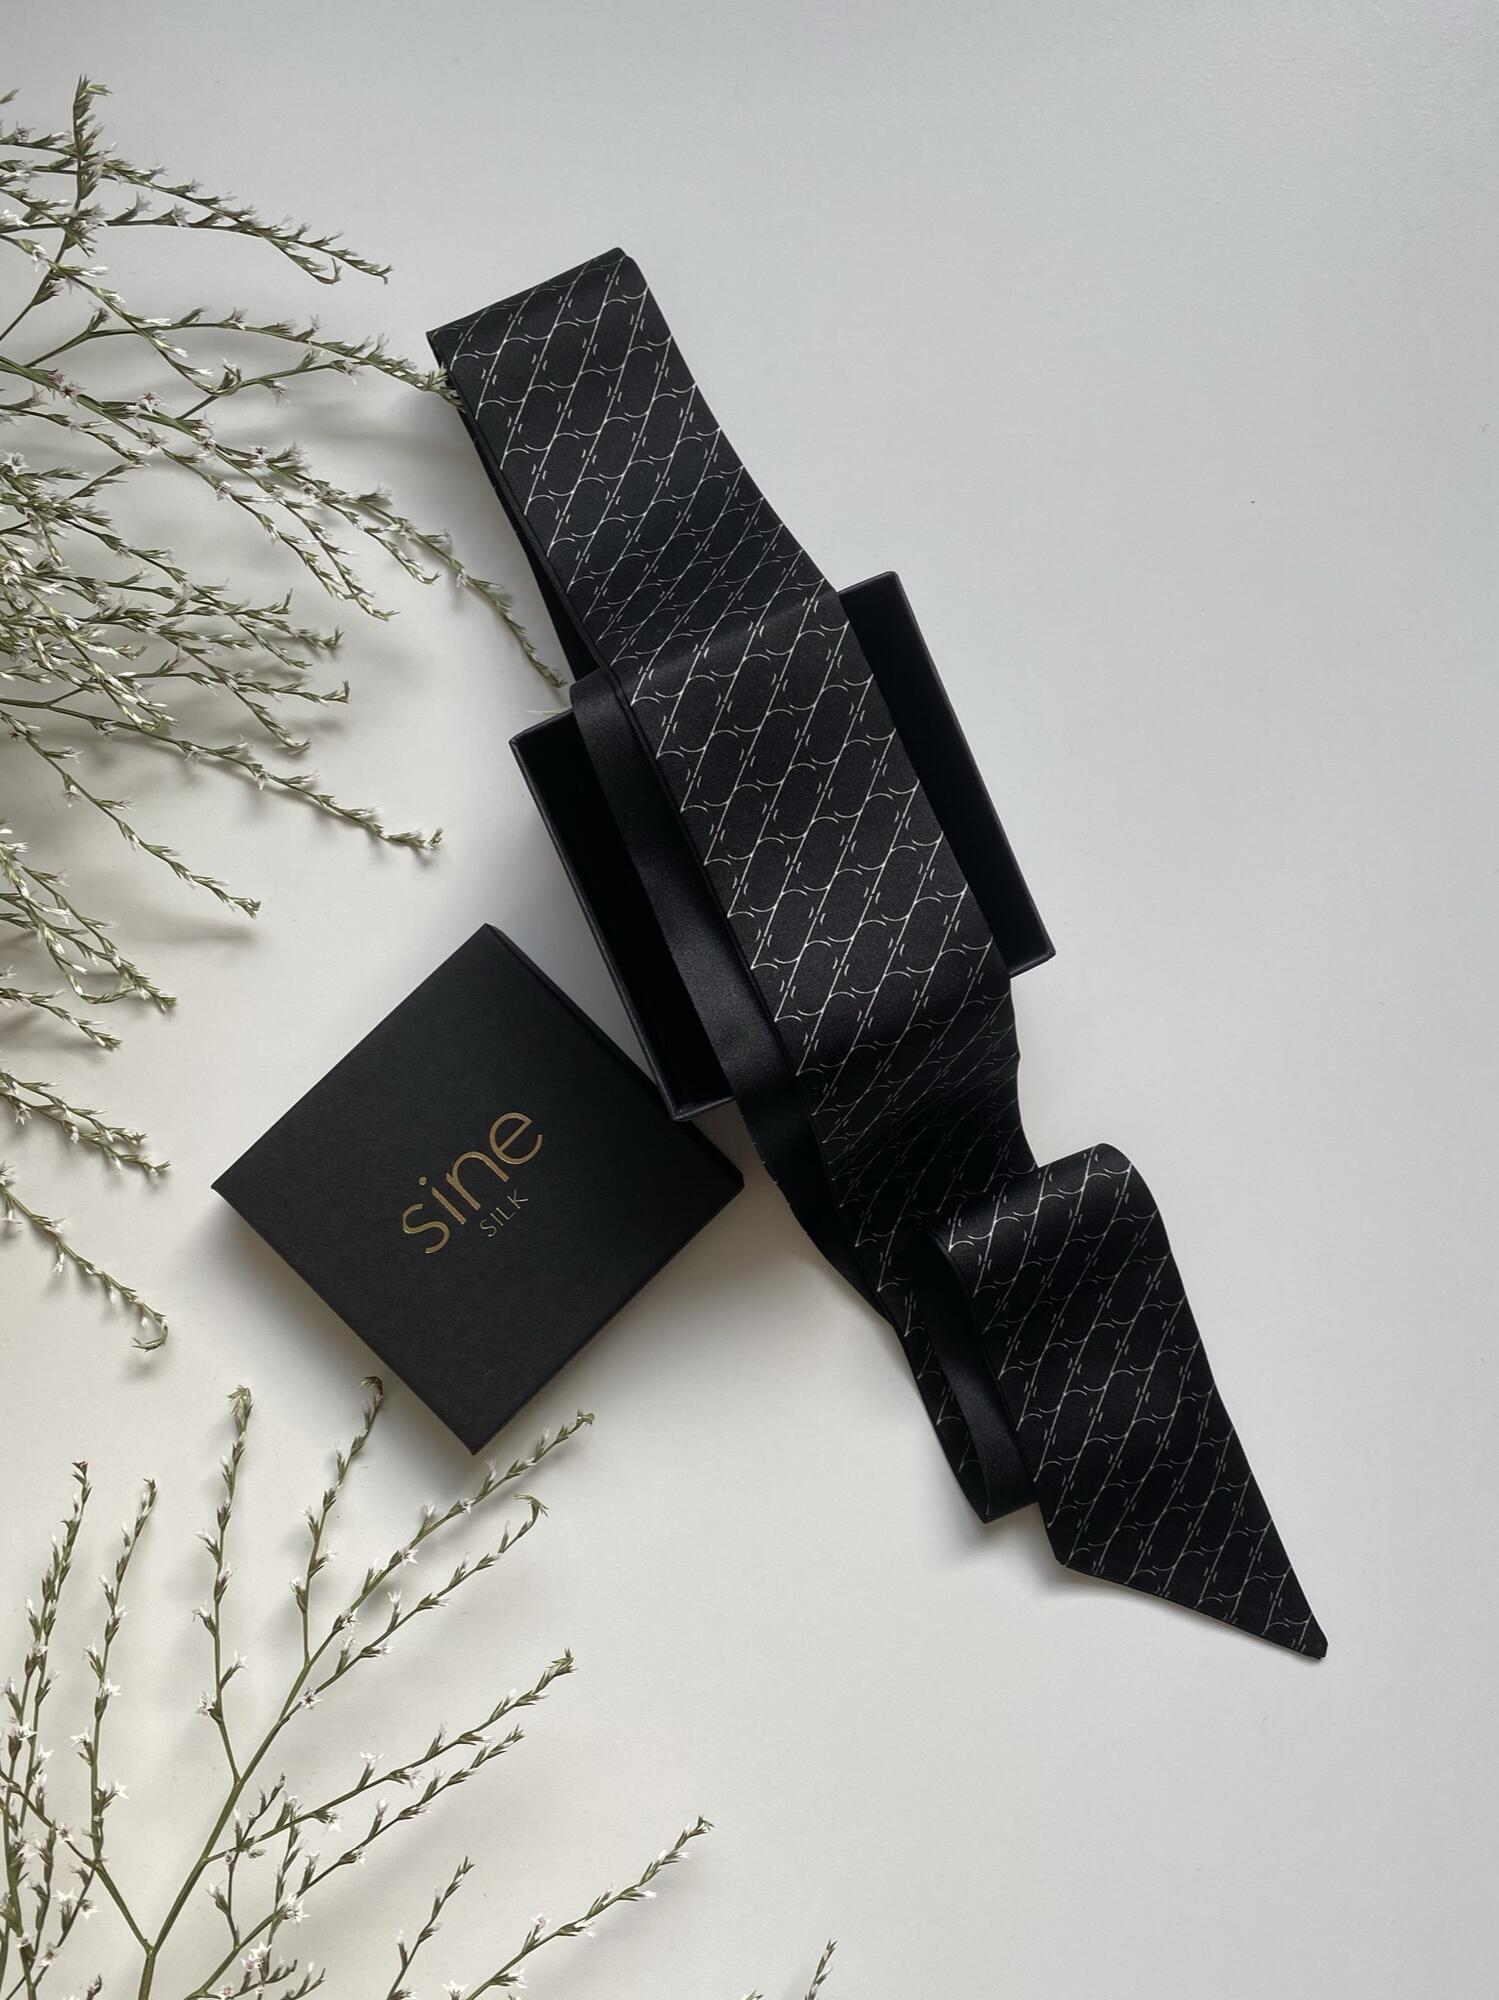 Jedwabny krawacik Sine Silk | BLACK - Sine Silk | JestemSlow.pl